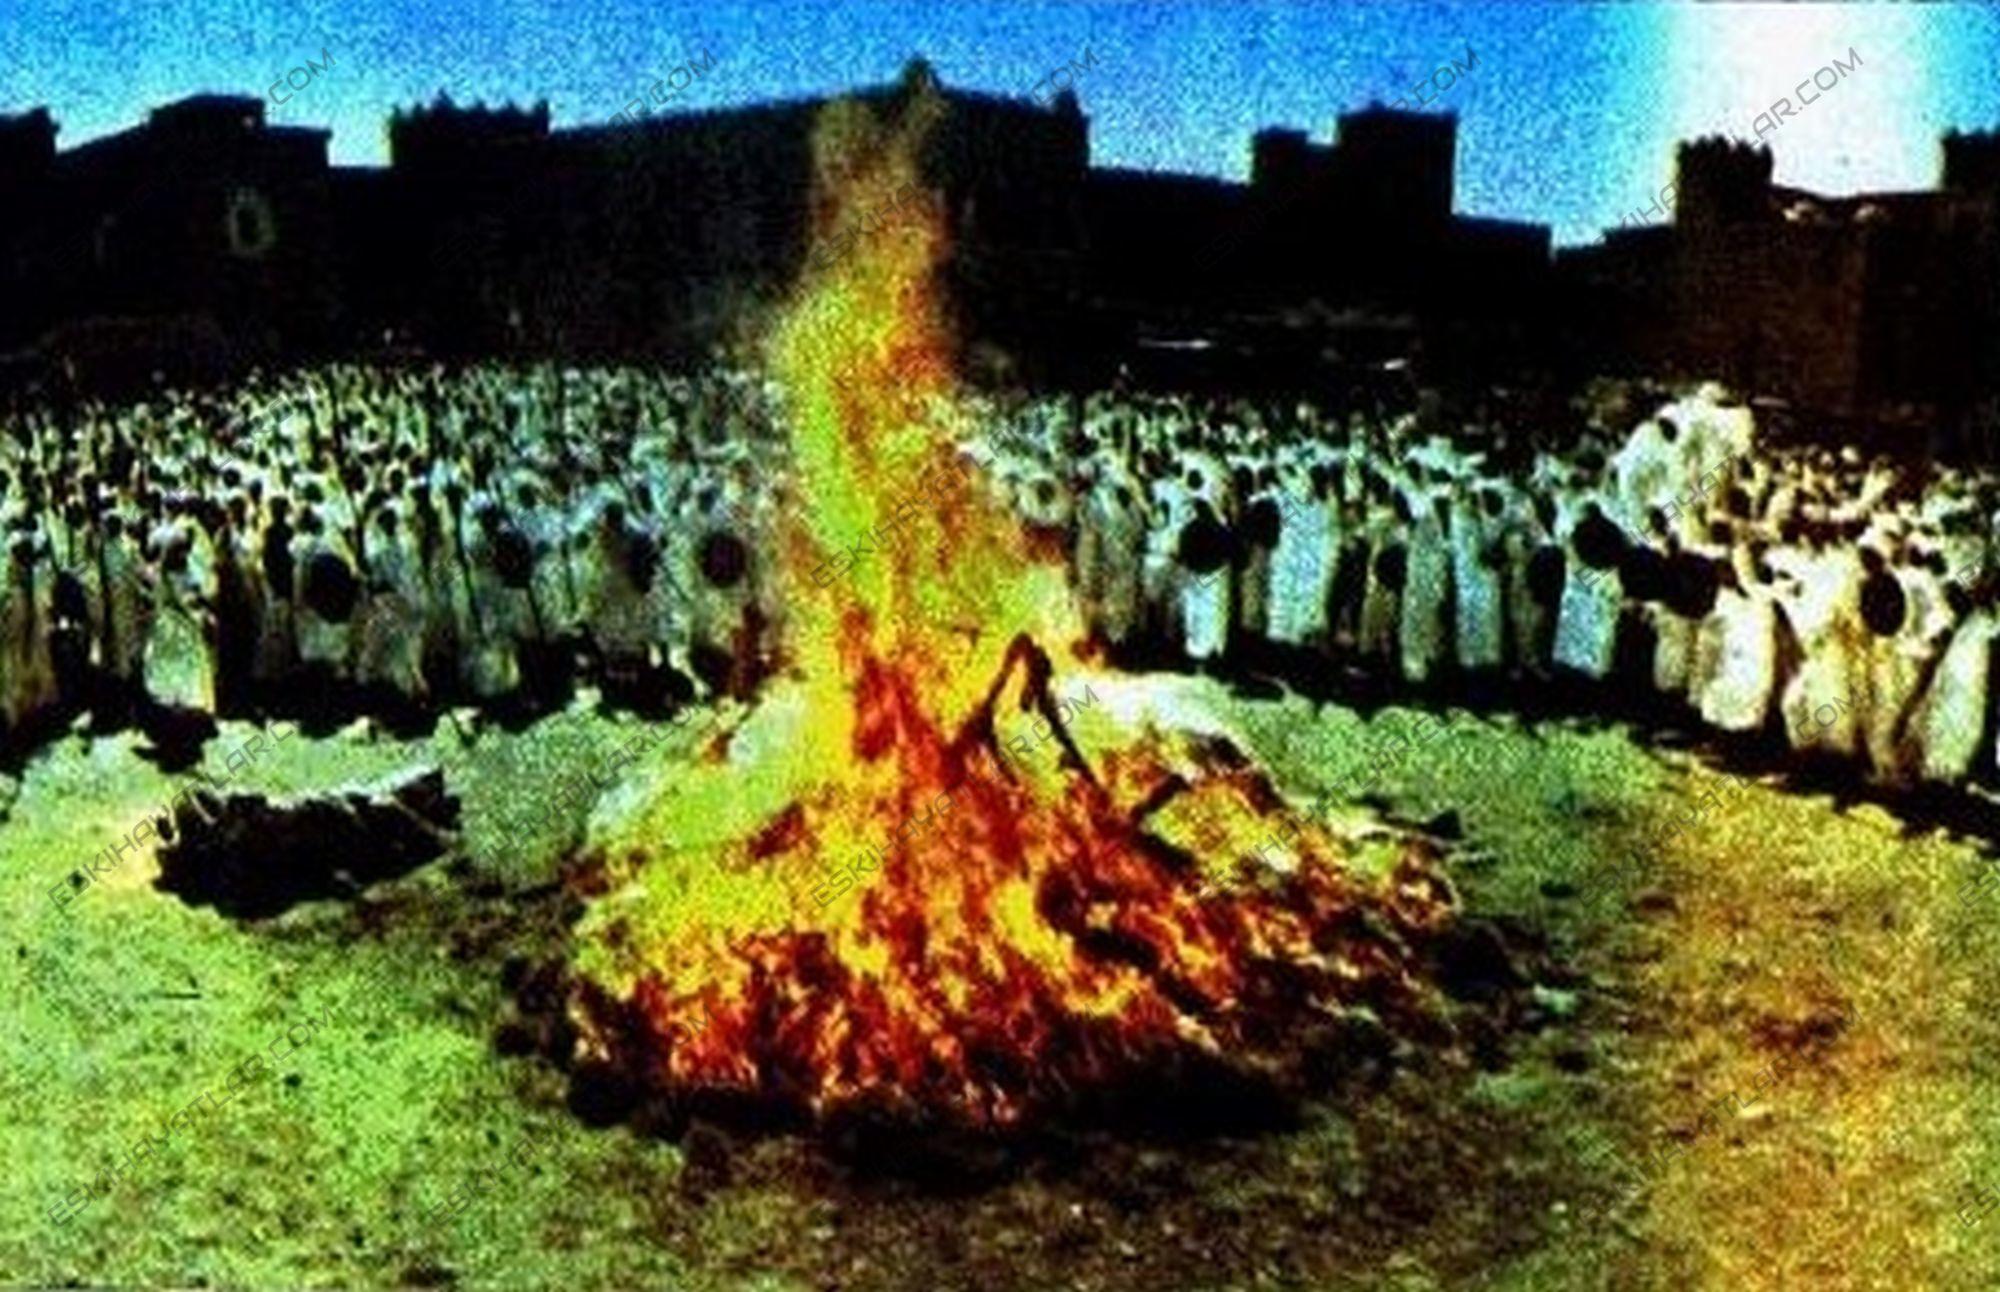 mesaj-filmi-hazreti-muhammed-filmi-1975- (3)